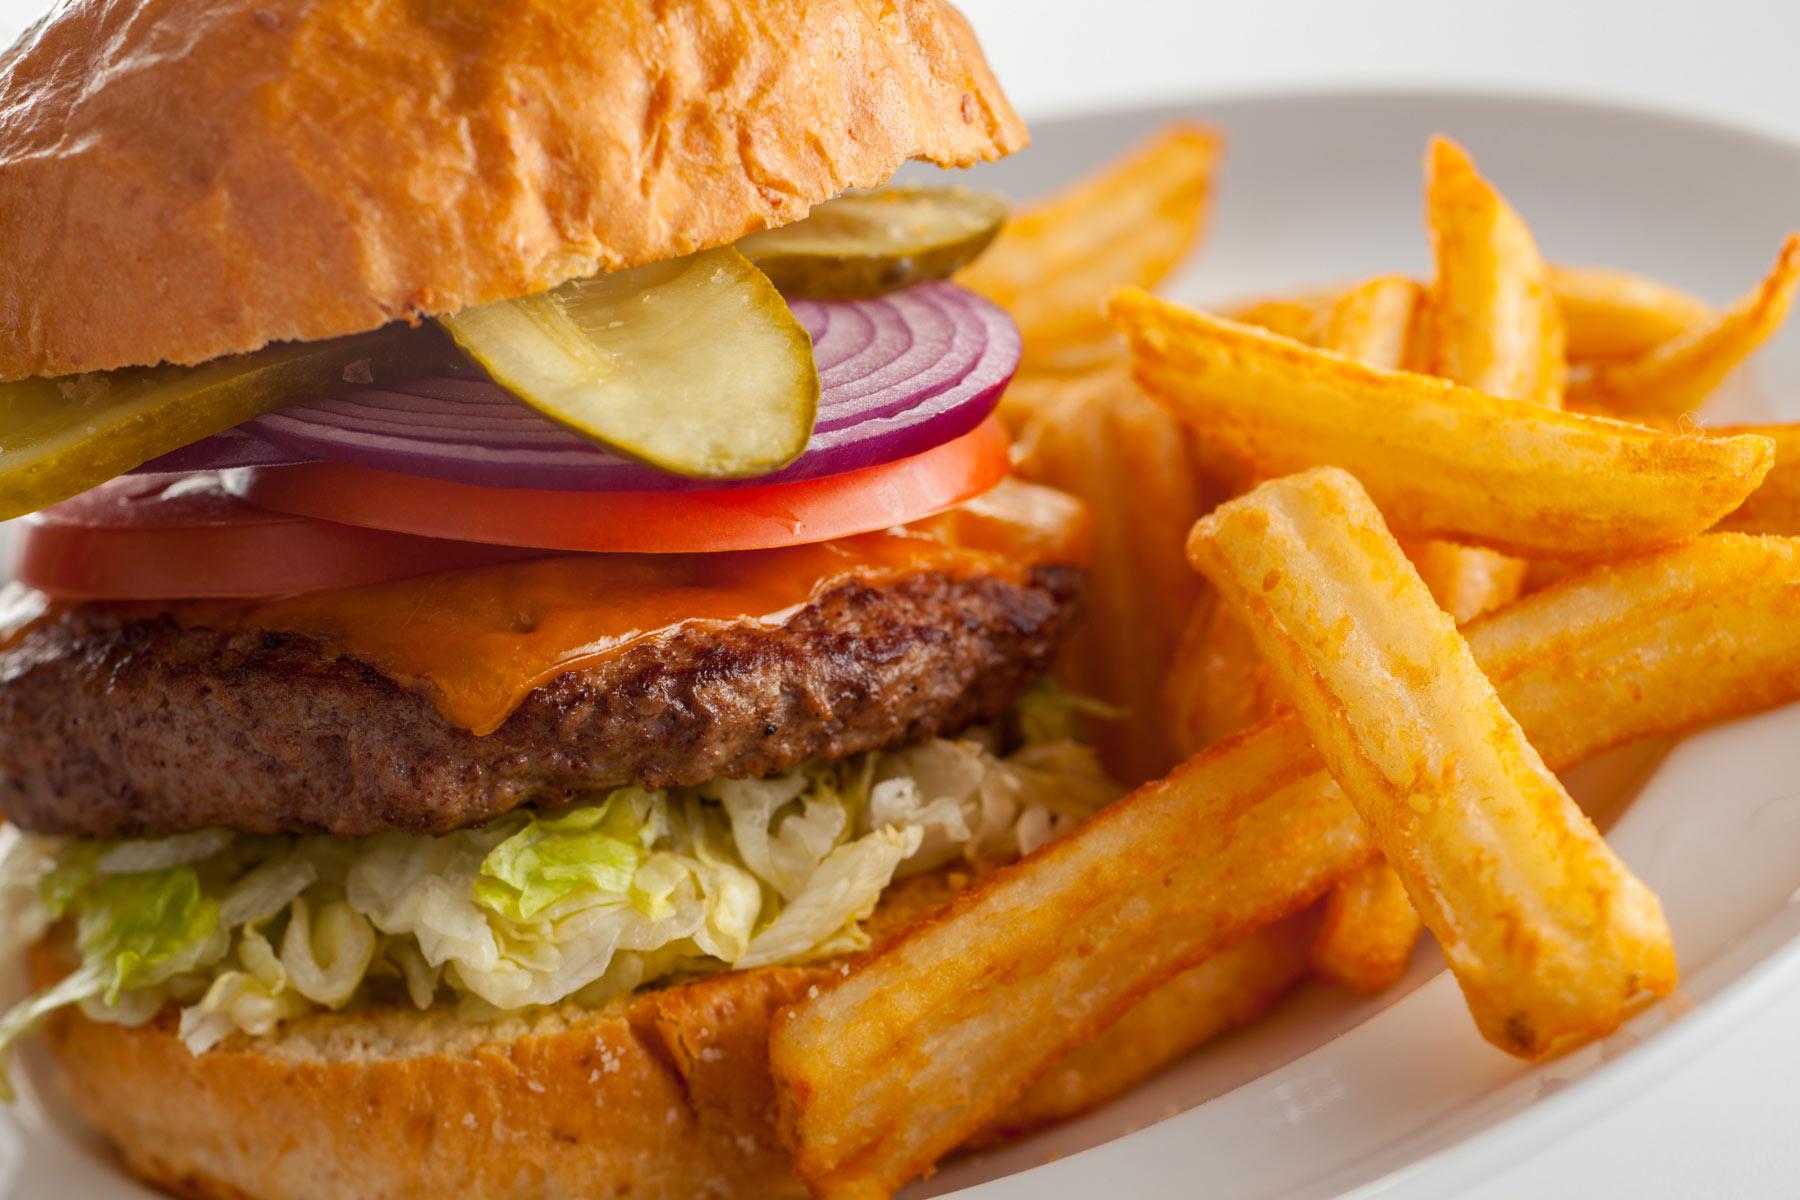 Deluxe-Hamburger-and-french-fries-Gun-Lake-Casino_077.jpg